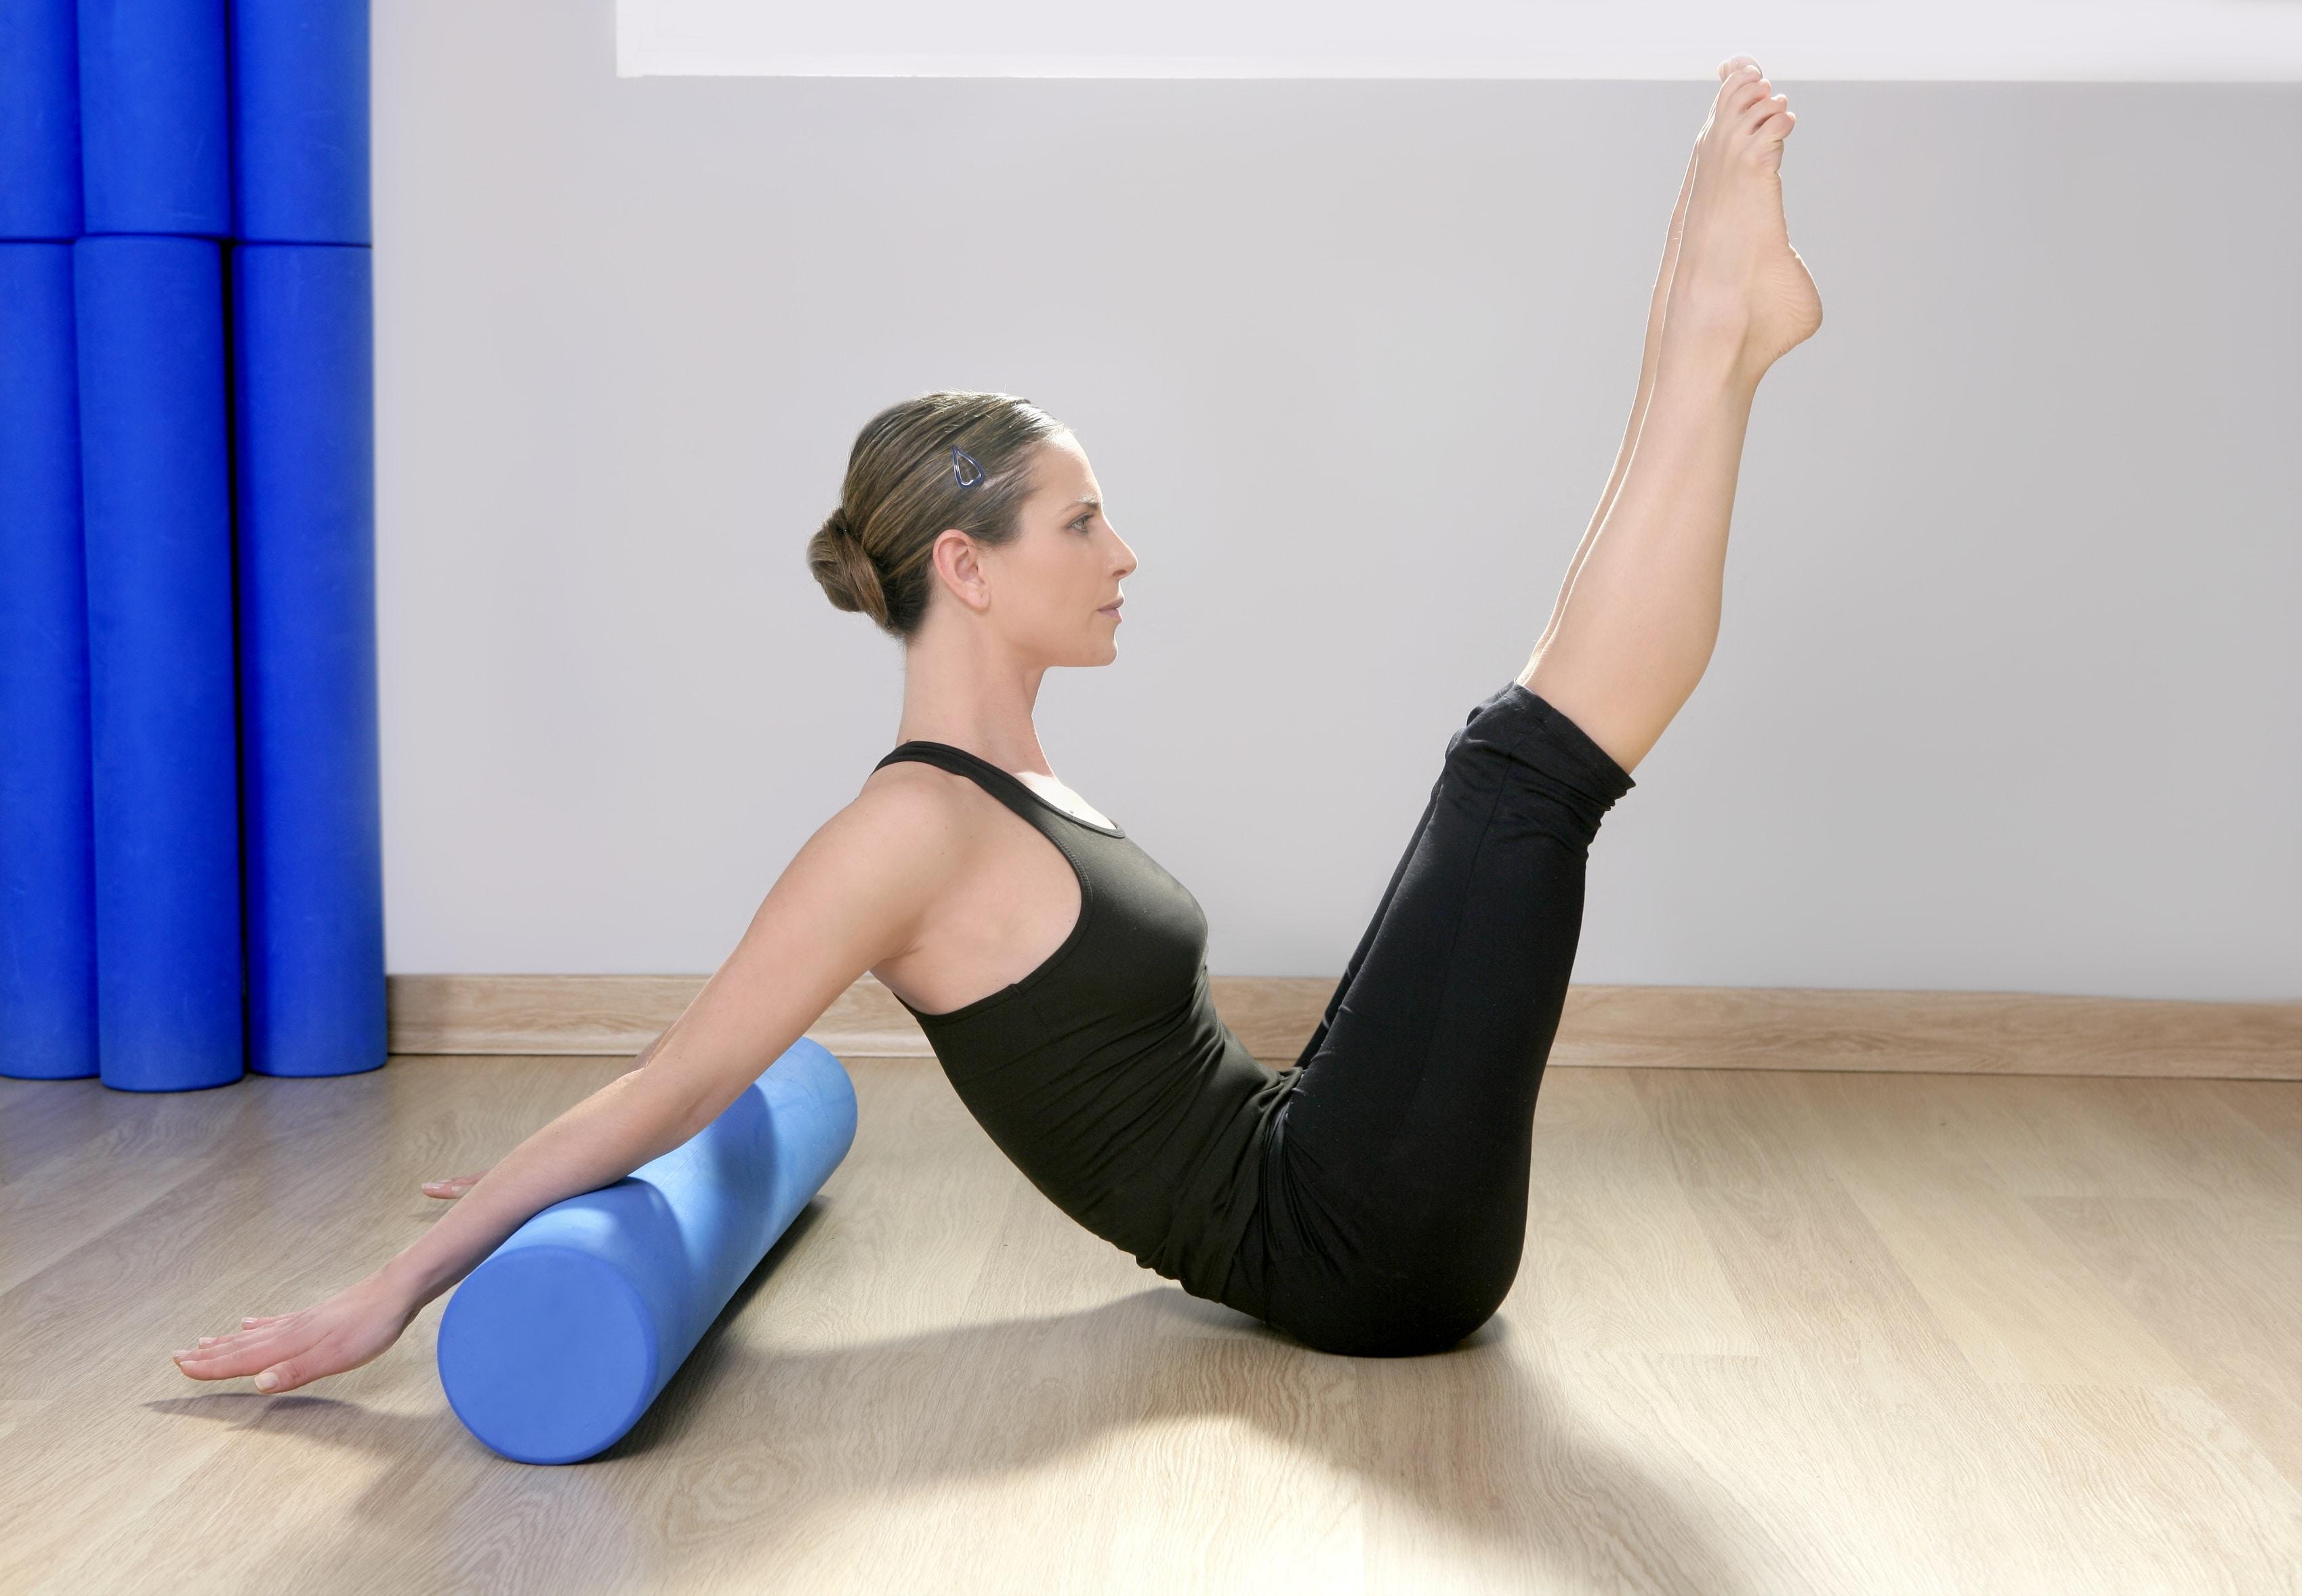 træning af mormorarme med håndvægte